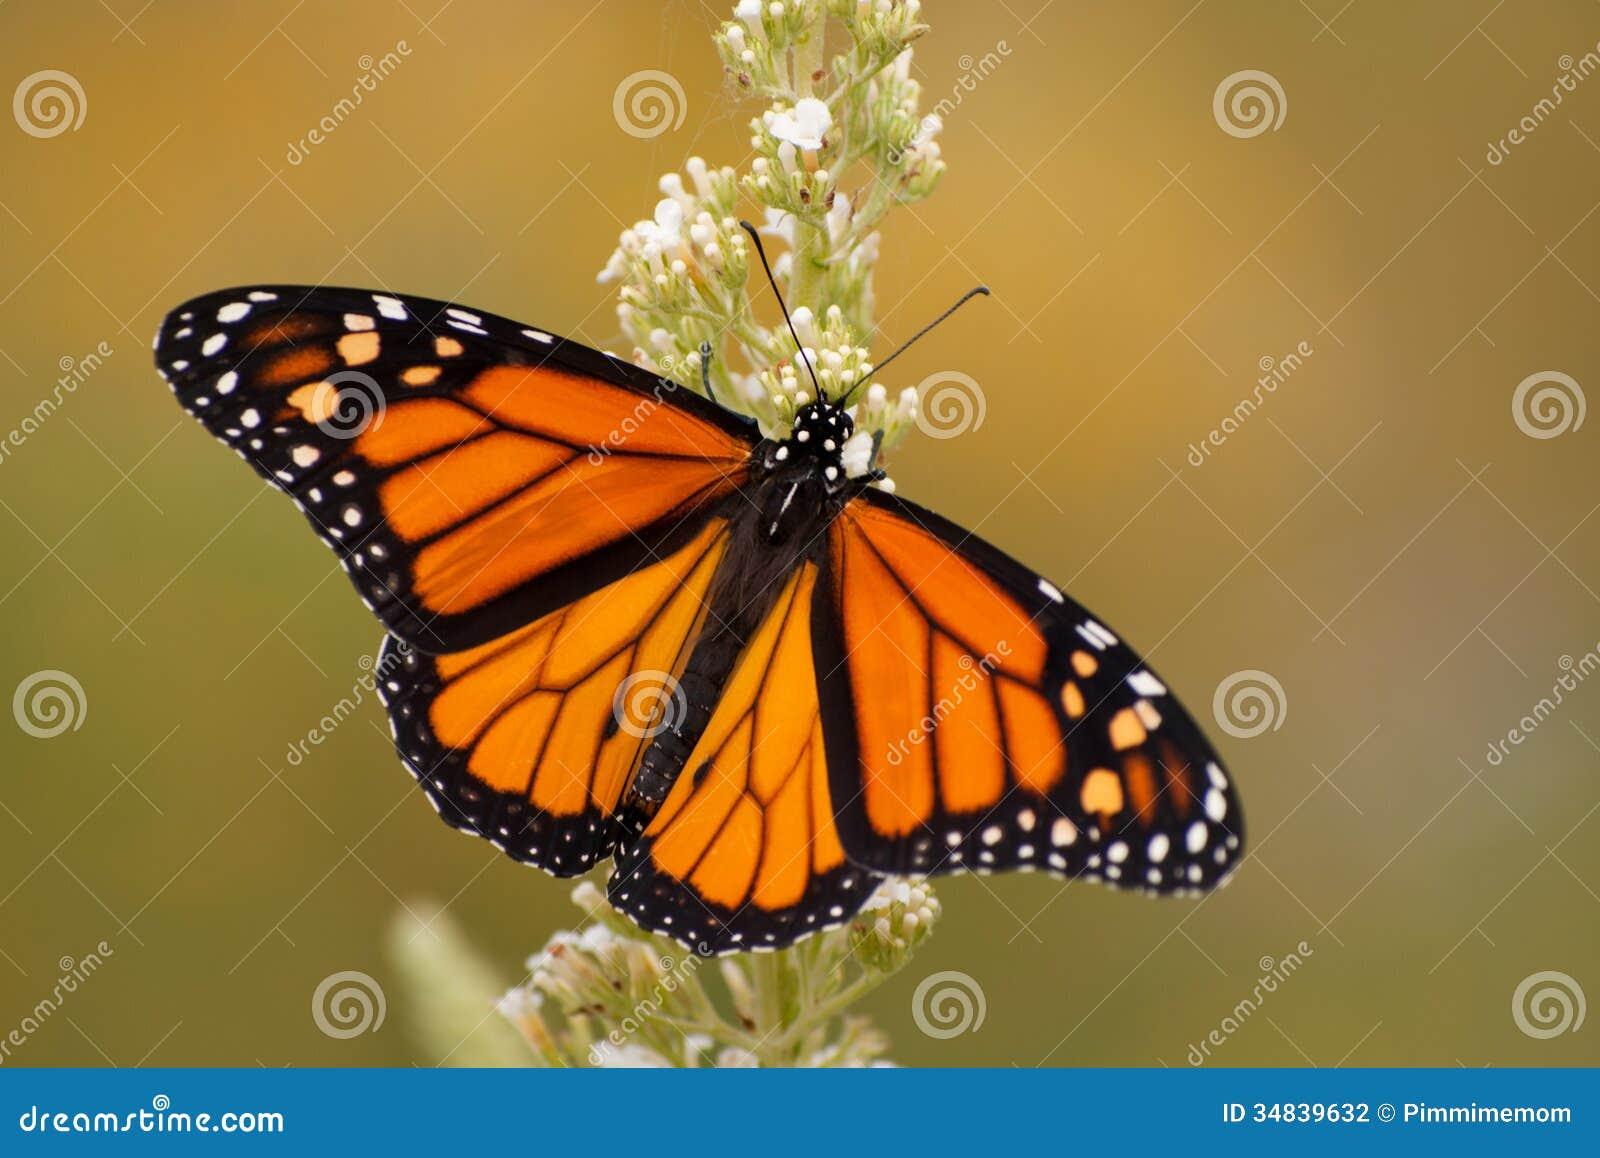 Fjäril för manlig monark i sommarträdgård